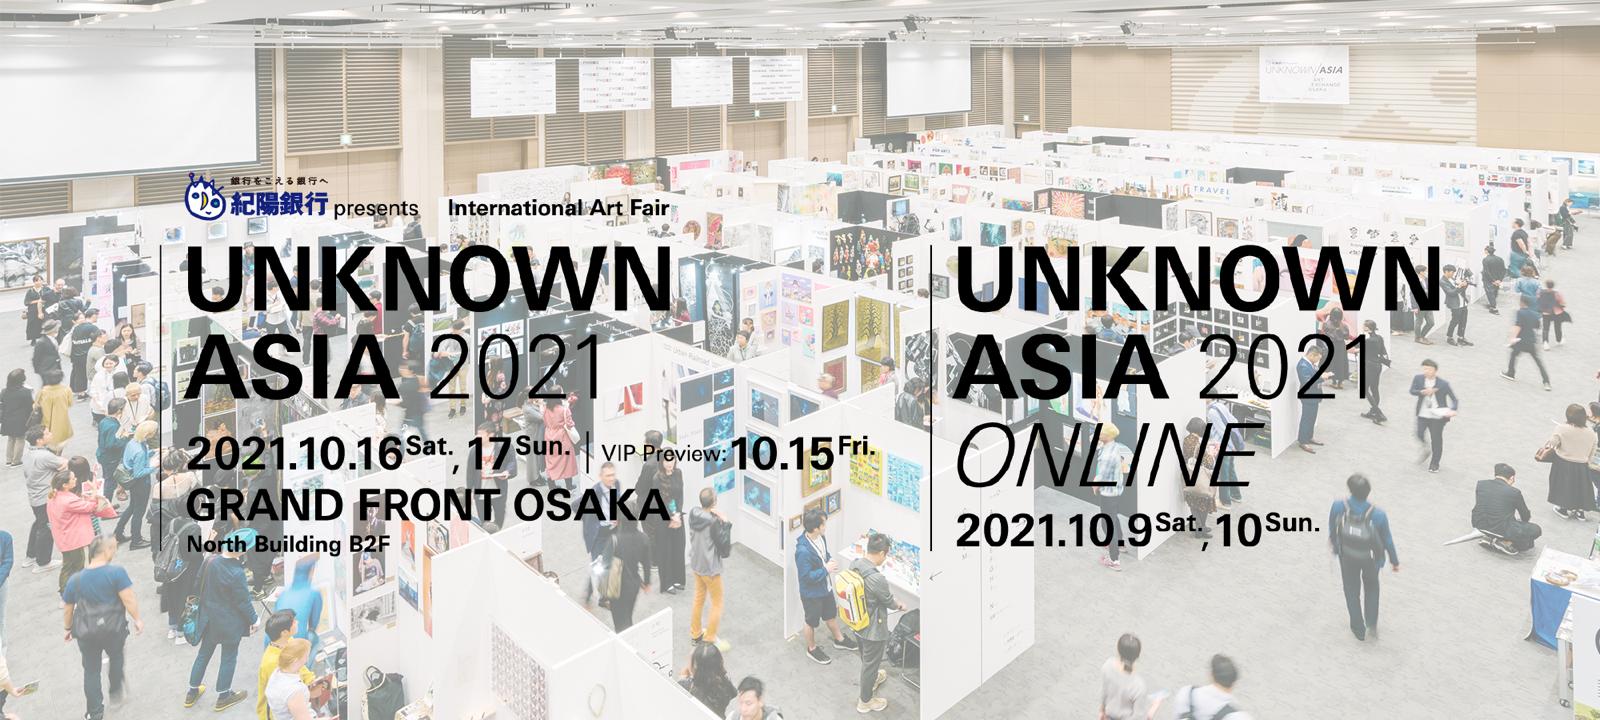 『紀陽銀行 presents UNKNOWN ASIA 2021』